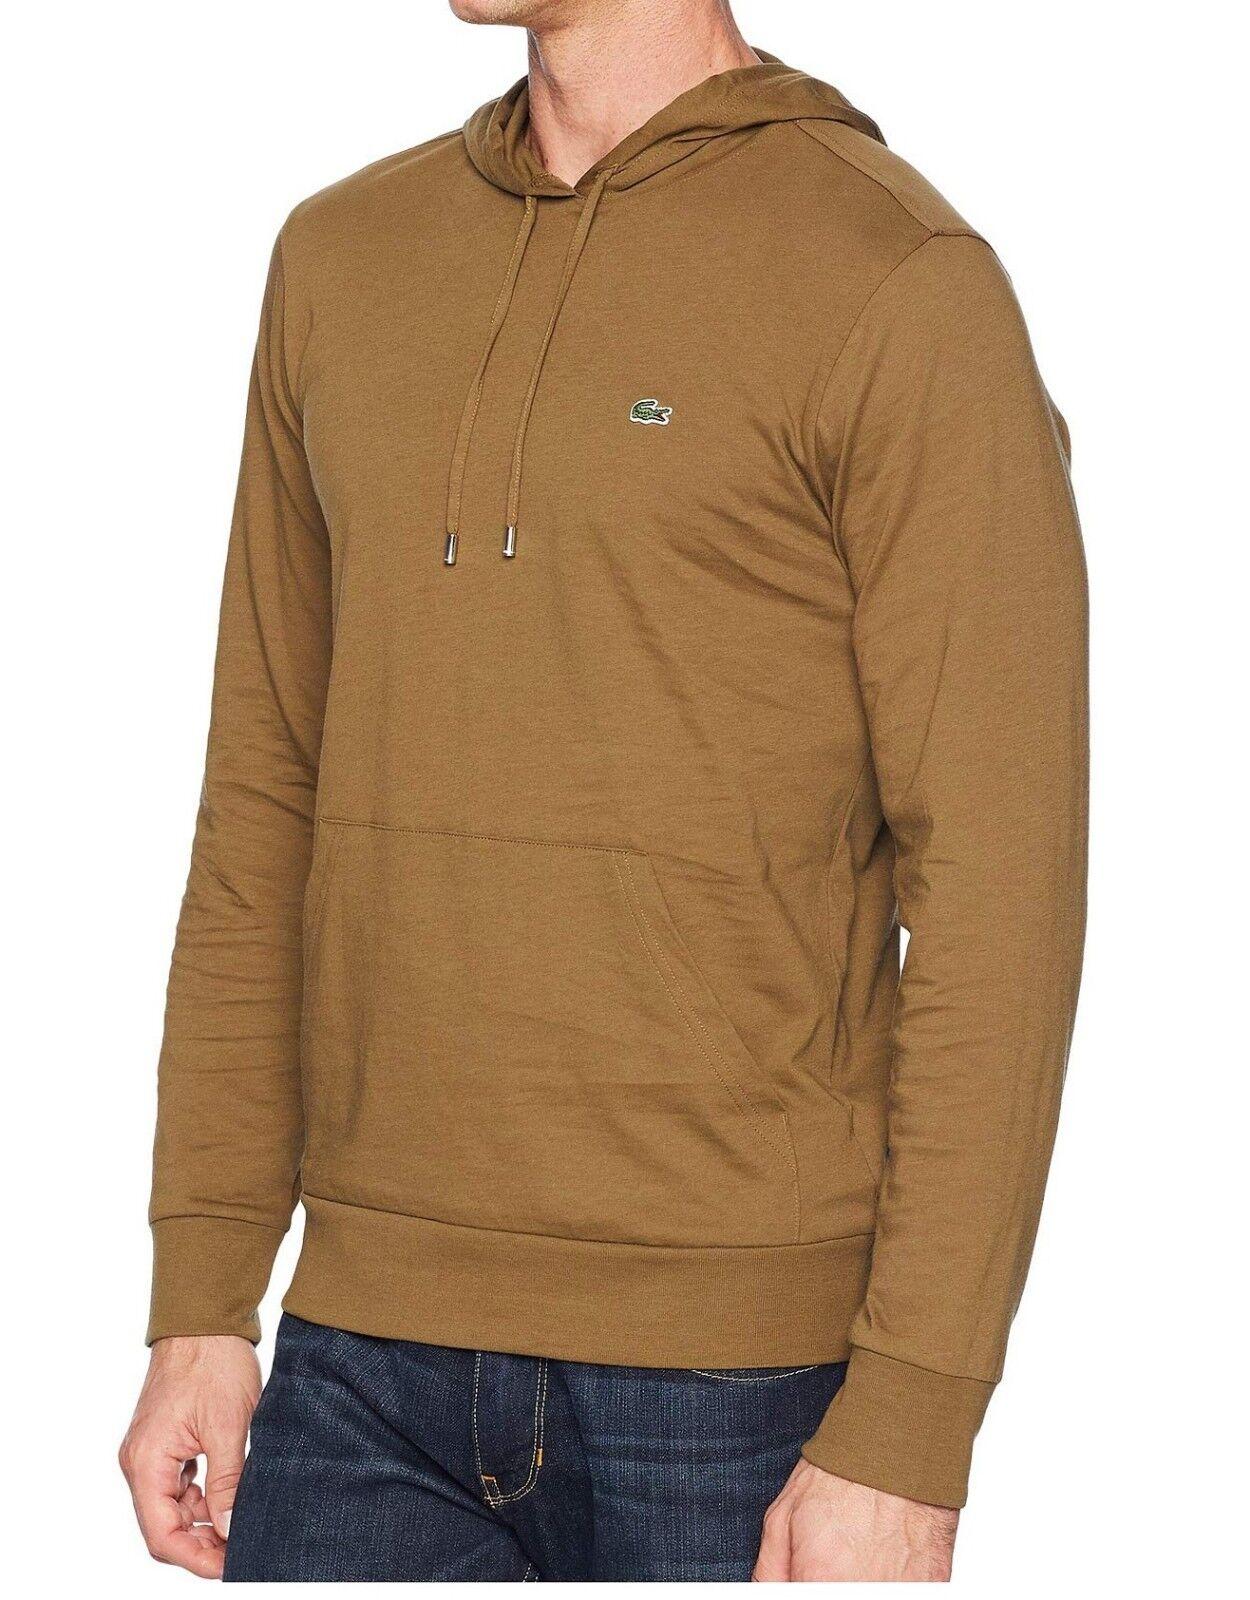 Lacoste Men Casual Lightweight Jersey Pullover Hoodie Sweater Top Shirt Grün